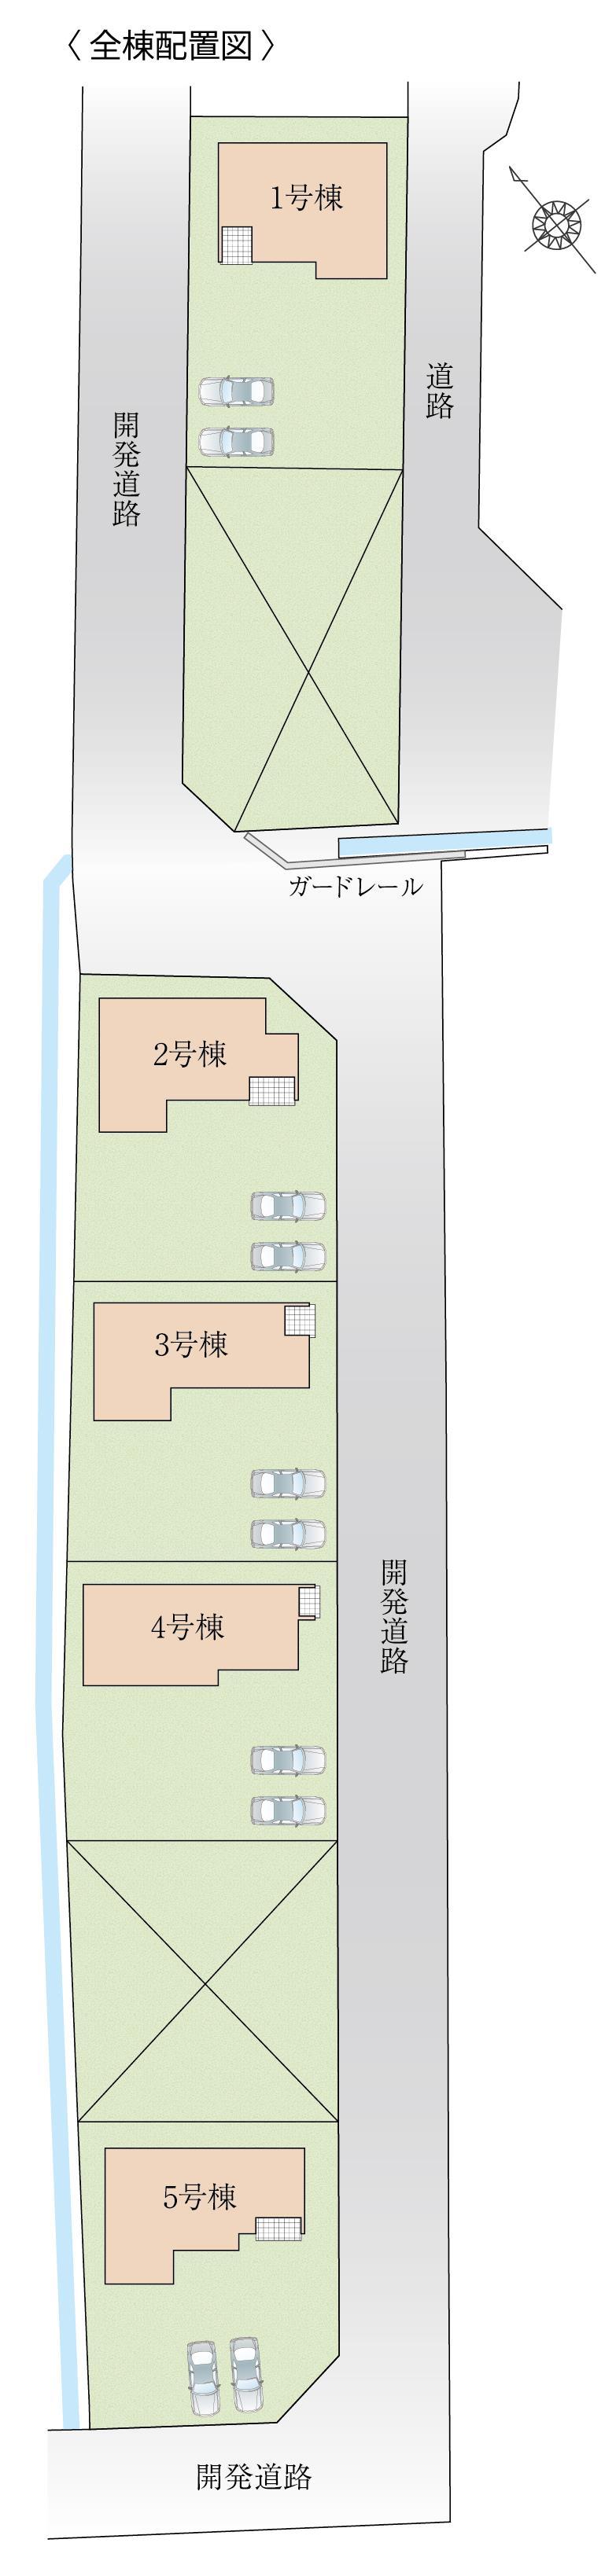 【KEIAI】 -和楽- 栃木市沼和田町7期(1号棟)